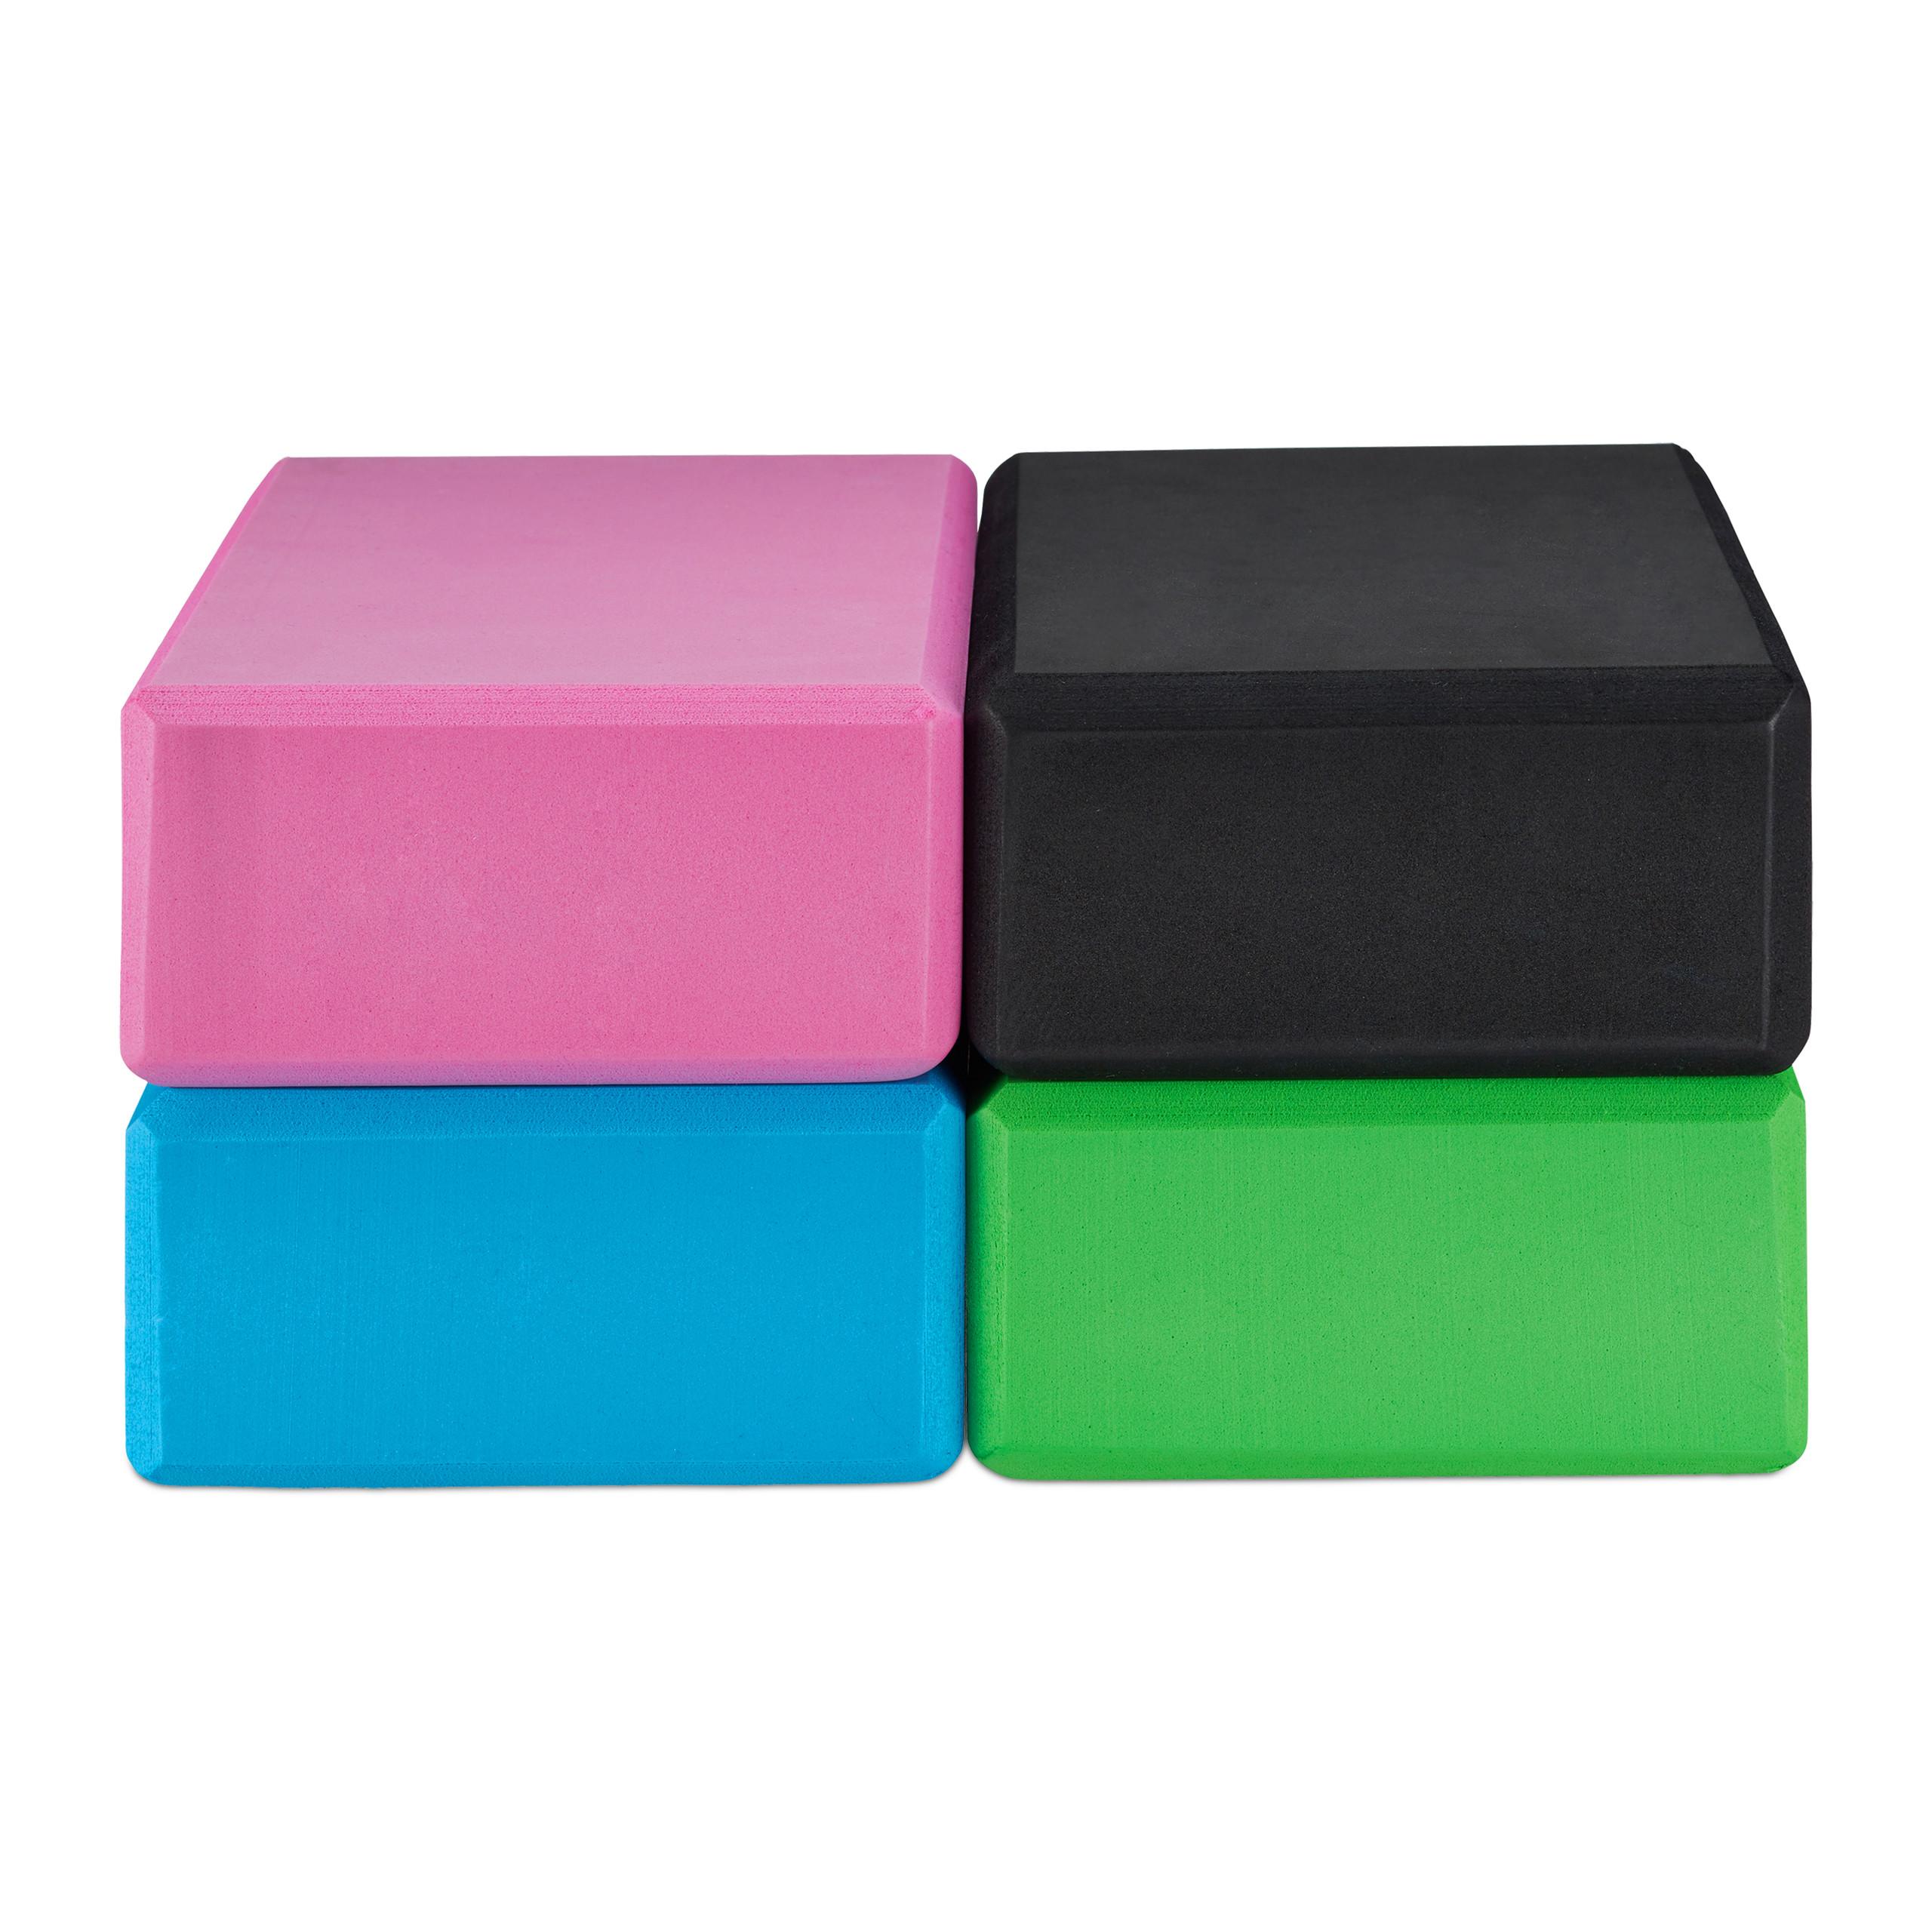 Pack-de-2-bloques-yoga-de-gomaespuma-Tacos-yoga-en-varios-colores-Ladrillos-yoga miniatura 9